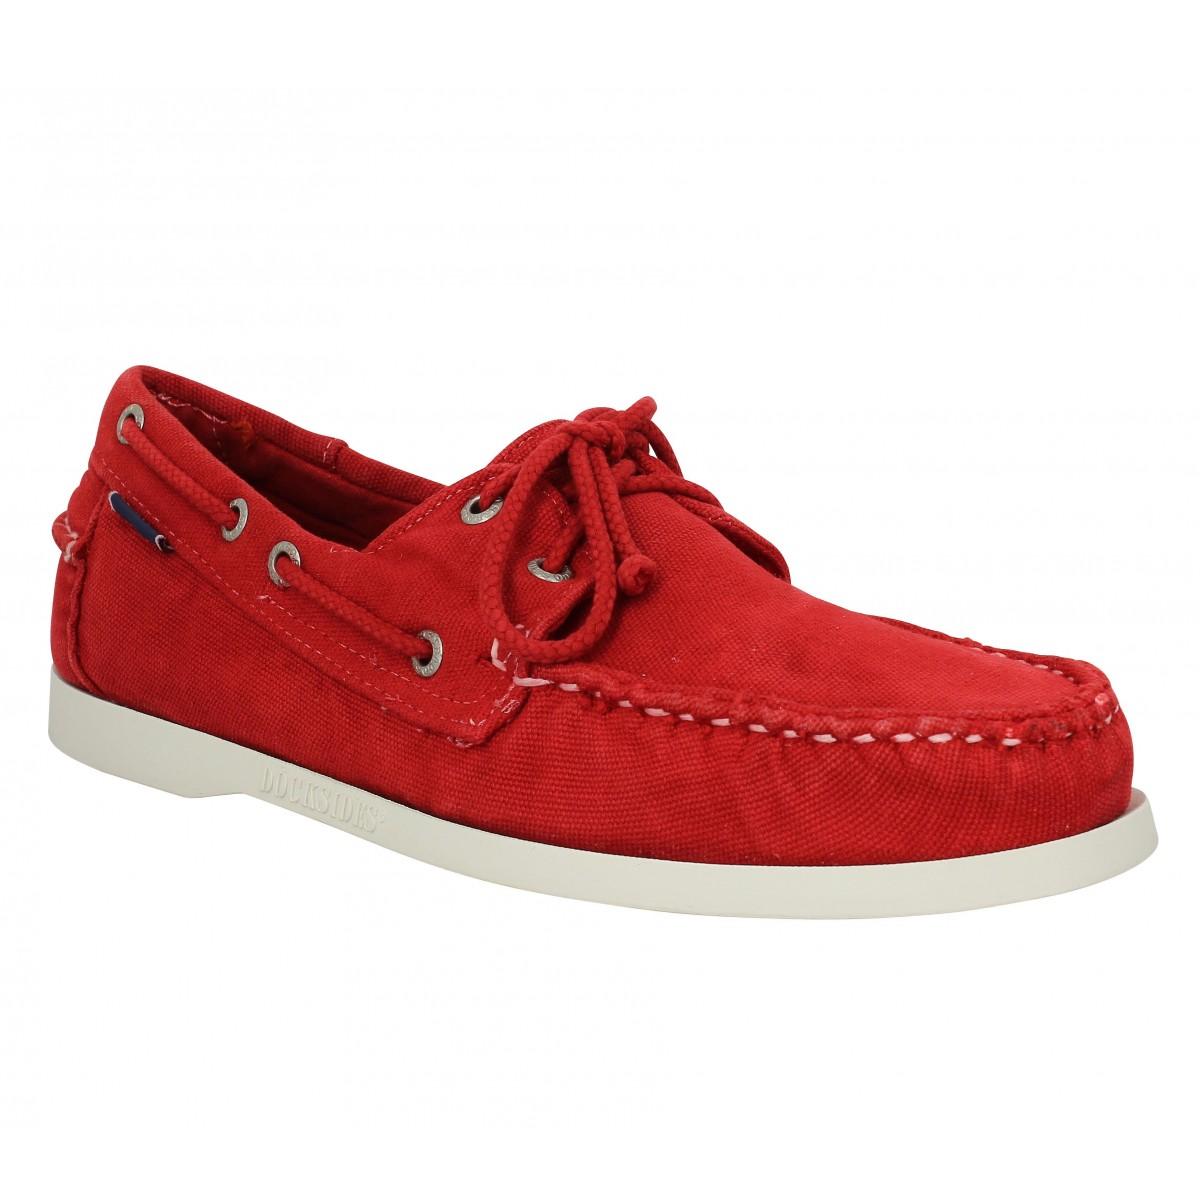 Chaussures bateaux SEBAGO Docksides toile Rouge